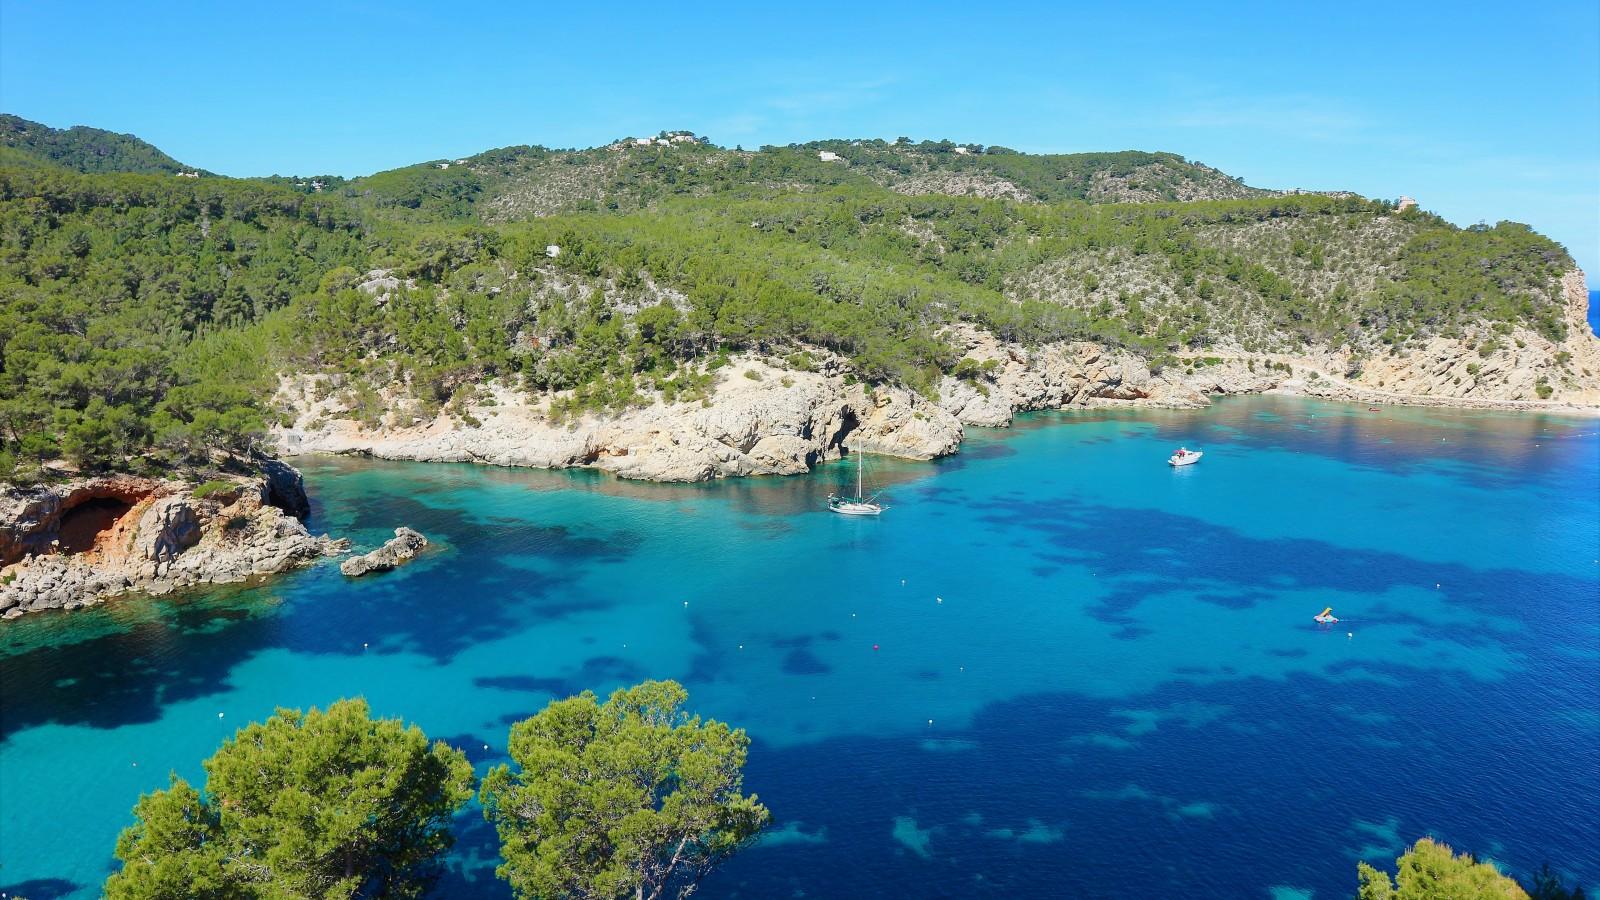 The Sant Miquel coastline in incredible Ibiza